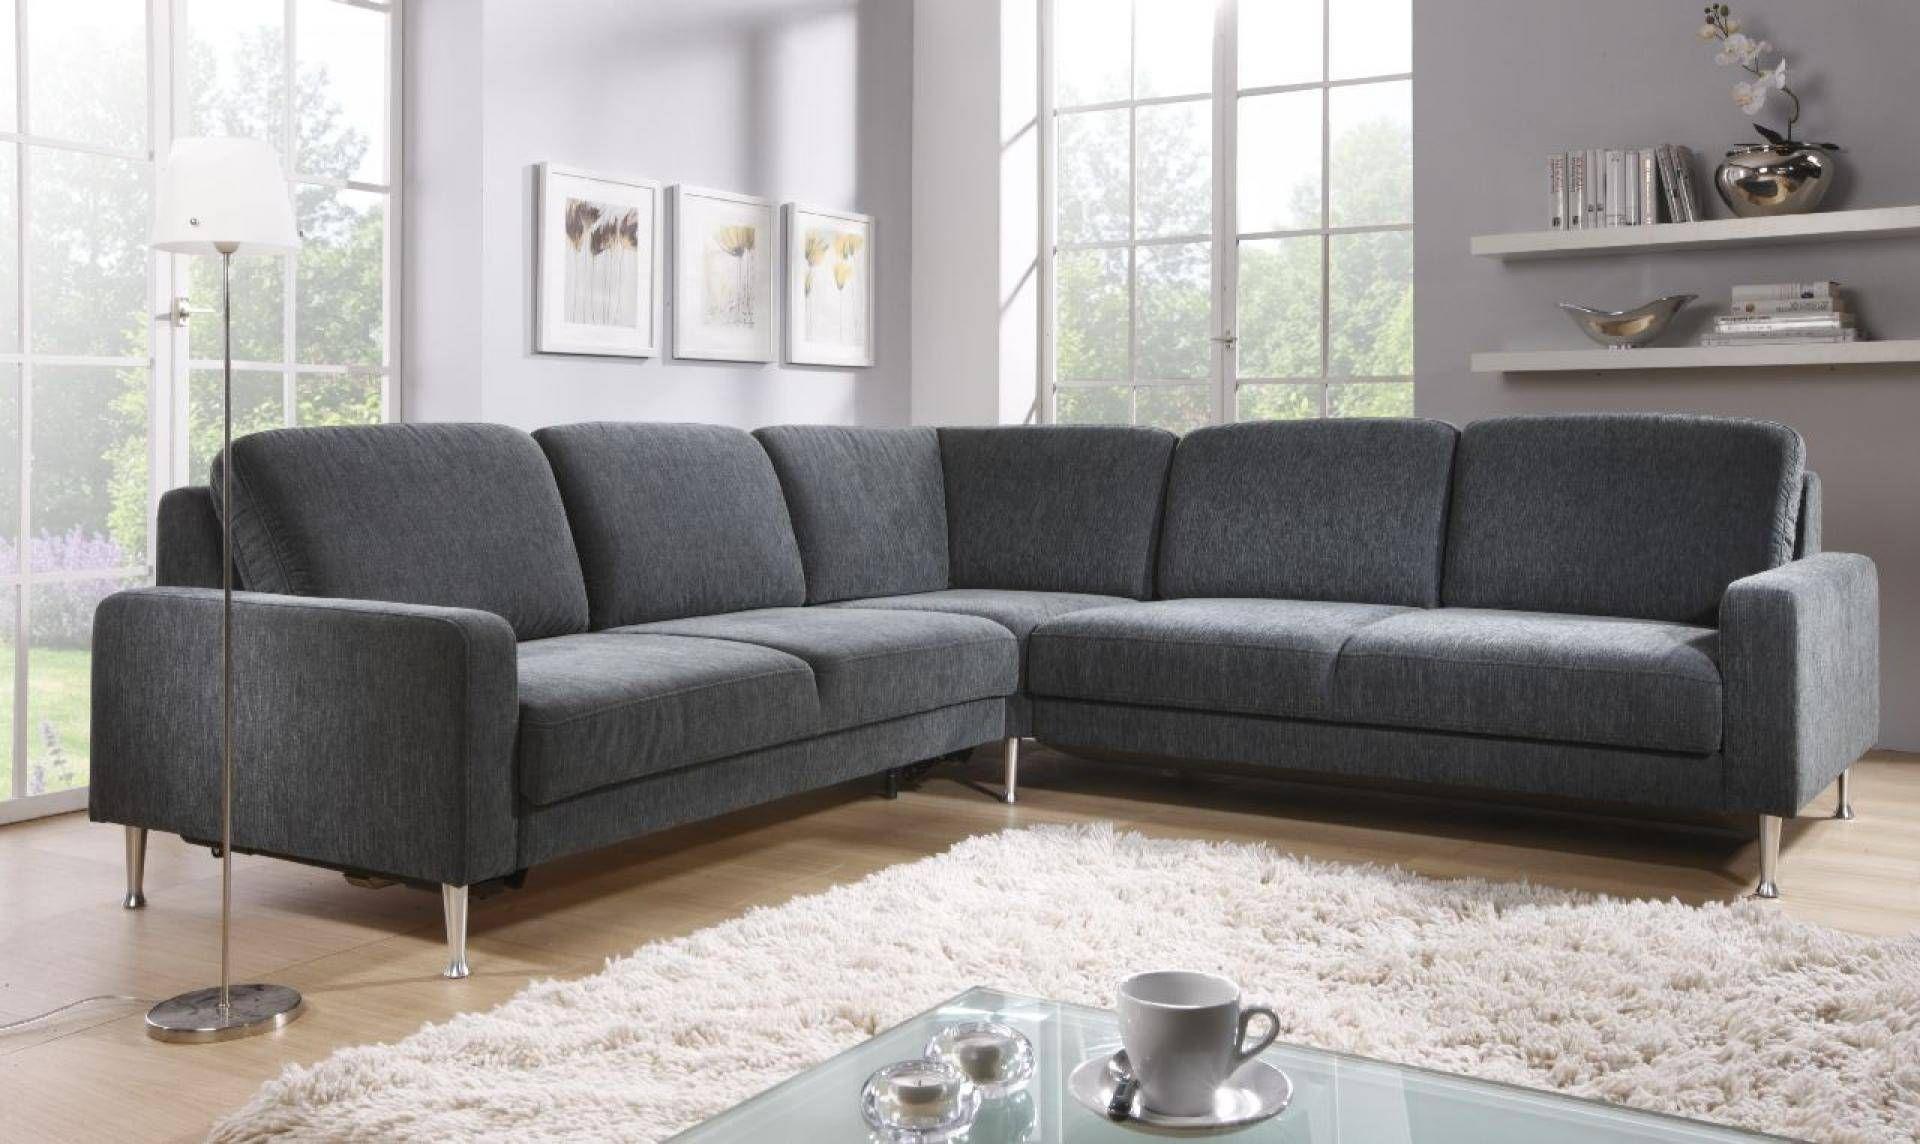 Canape Ikea Gris S Canape D Angle Ikea Gris In 2020 Canape Ikea Home Decor Furniture